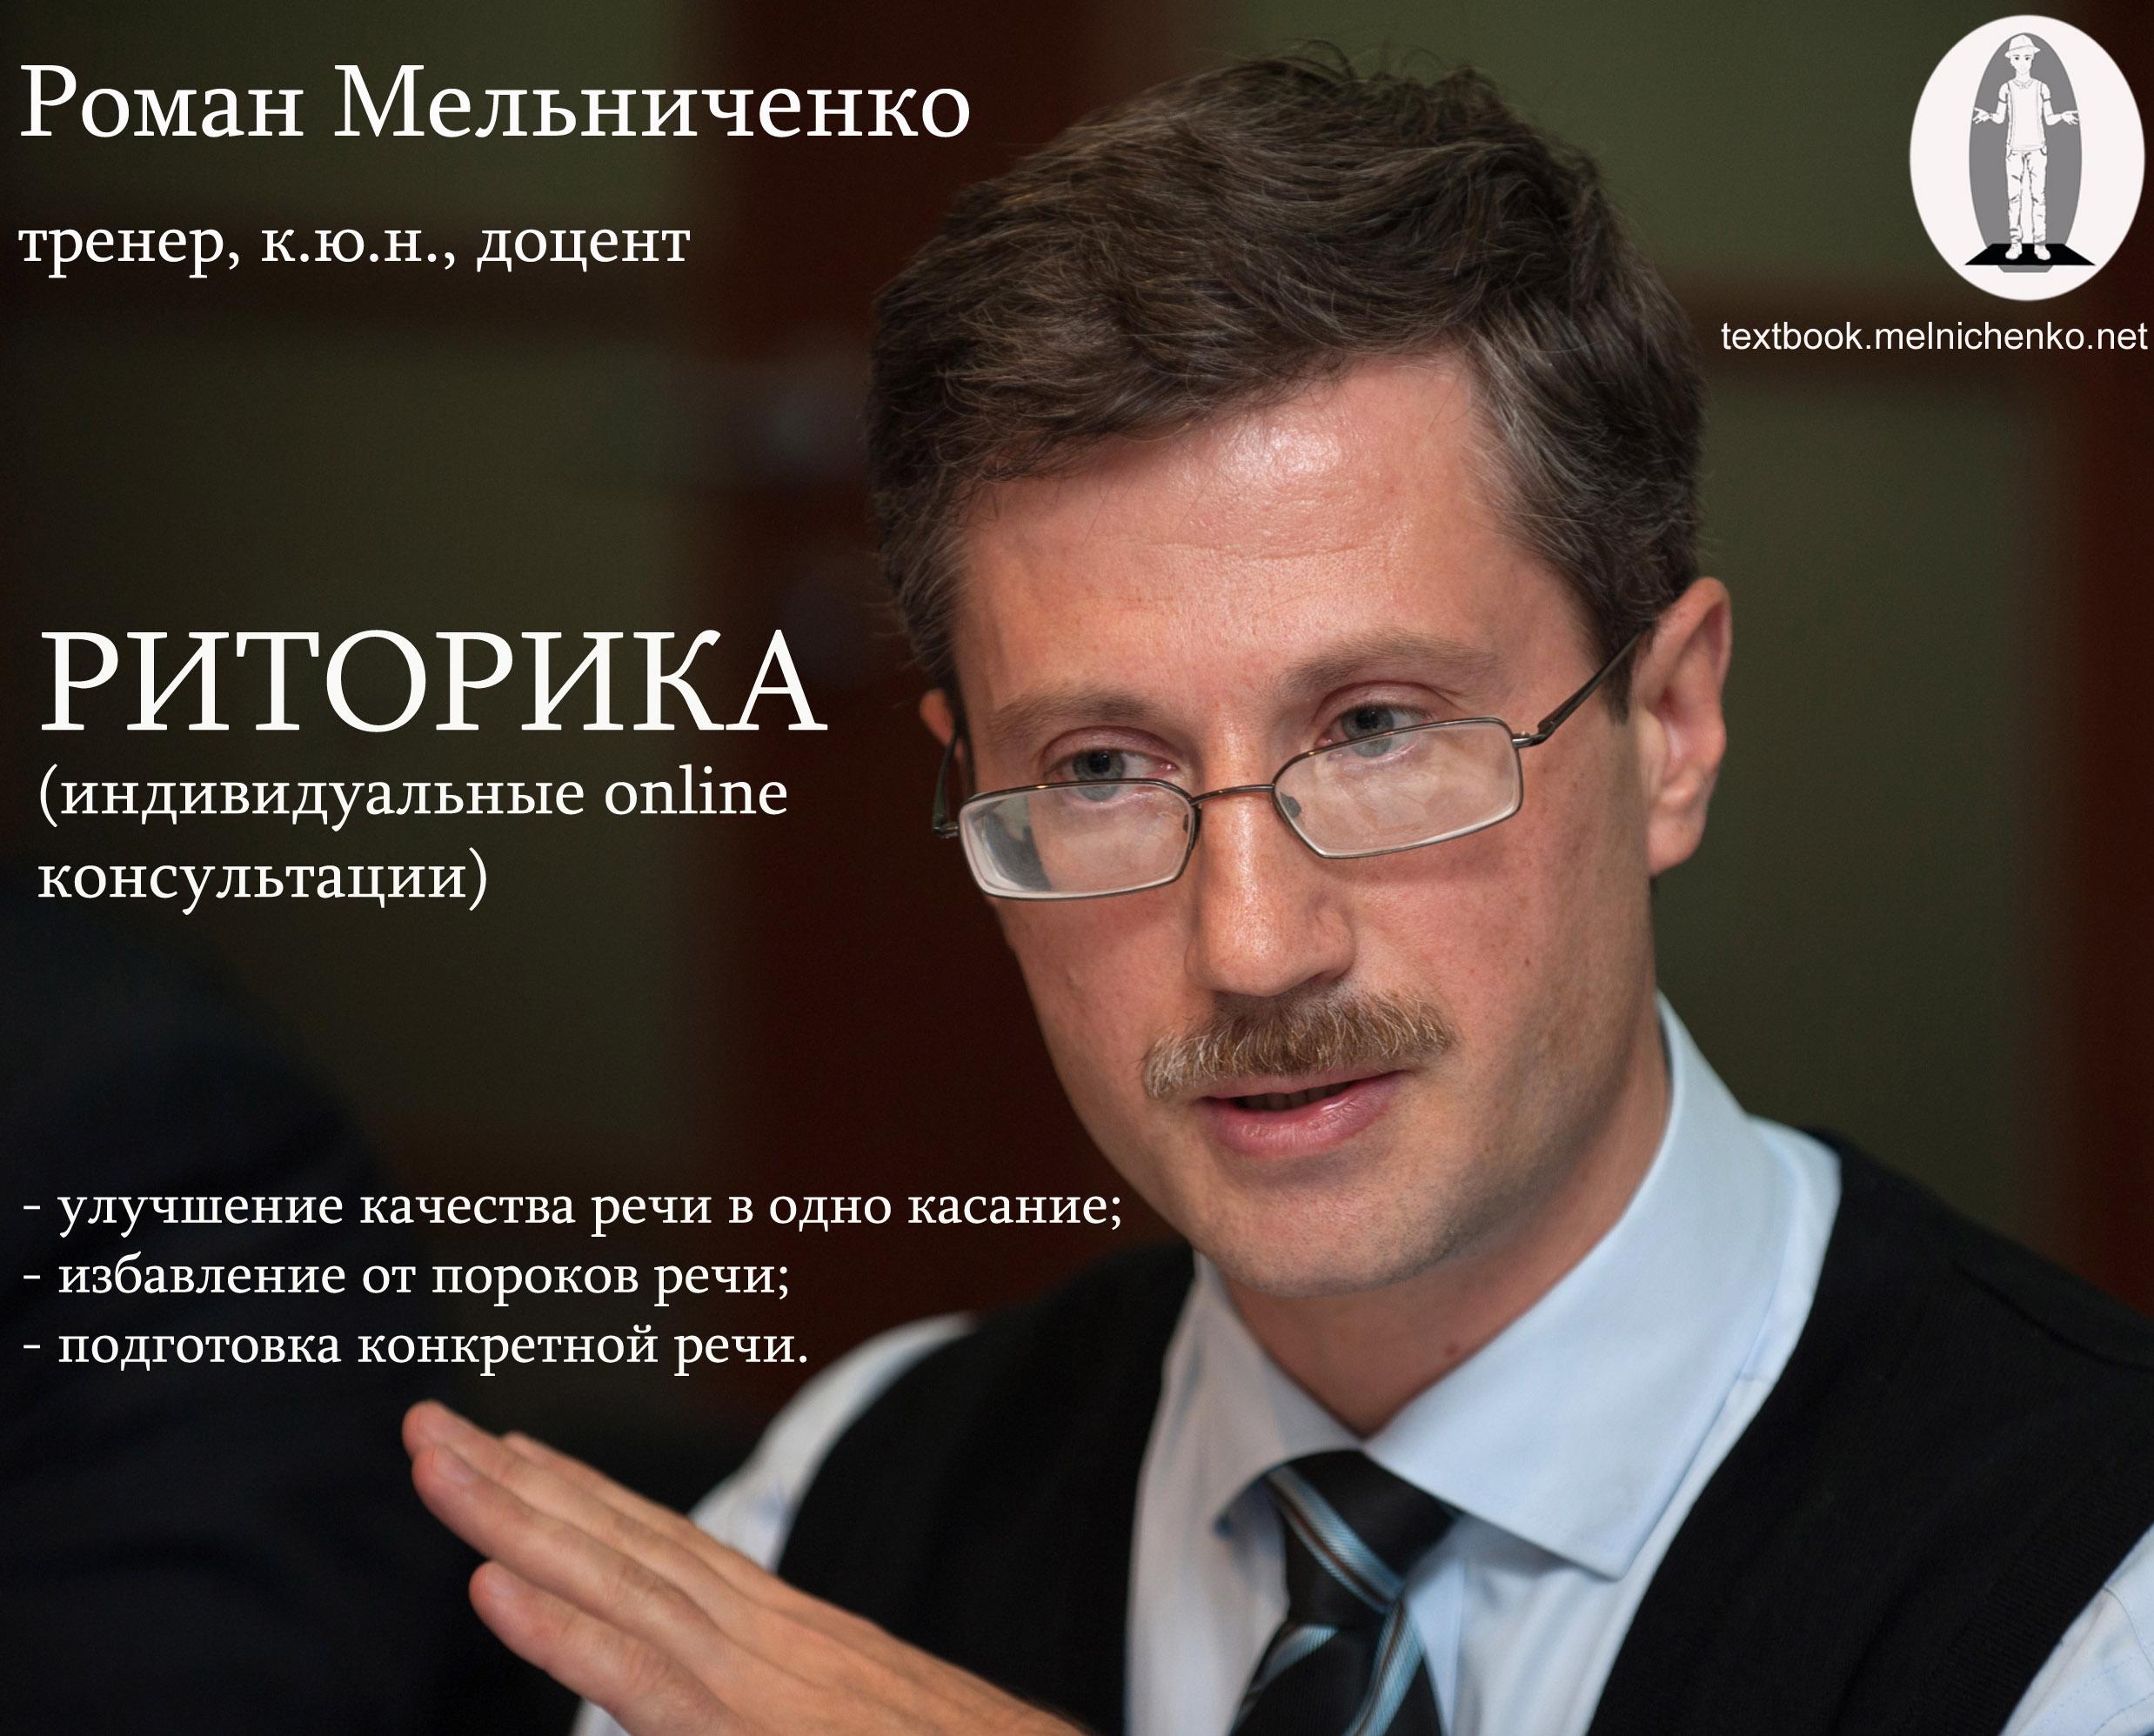 Перейти на индивидуальное online-консультирование по риторике с Мельниченко Р.Г.